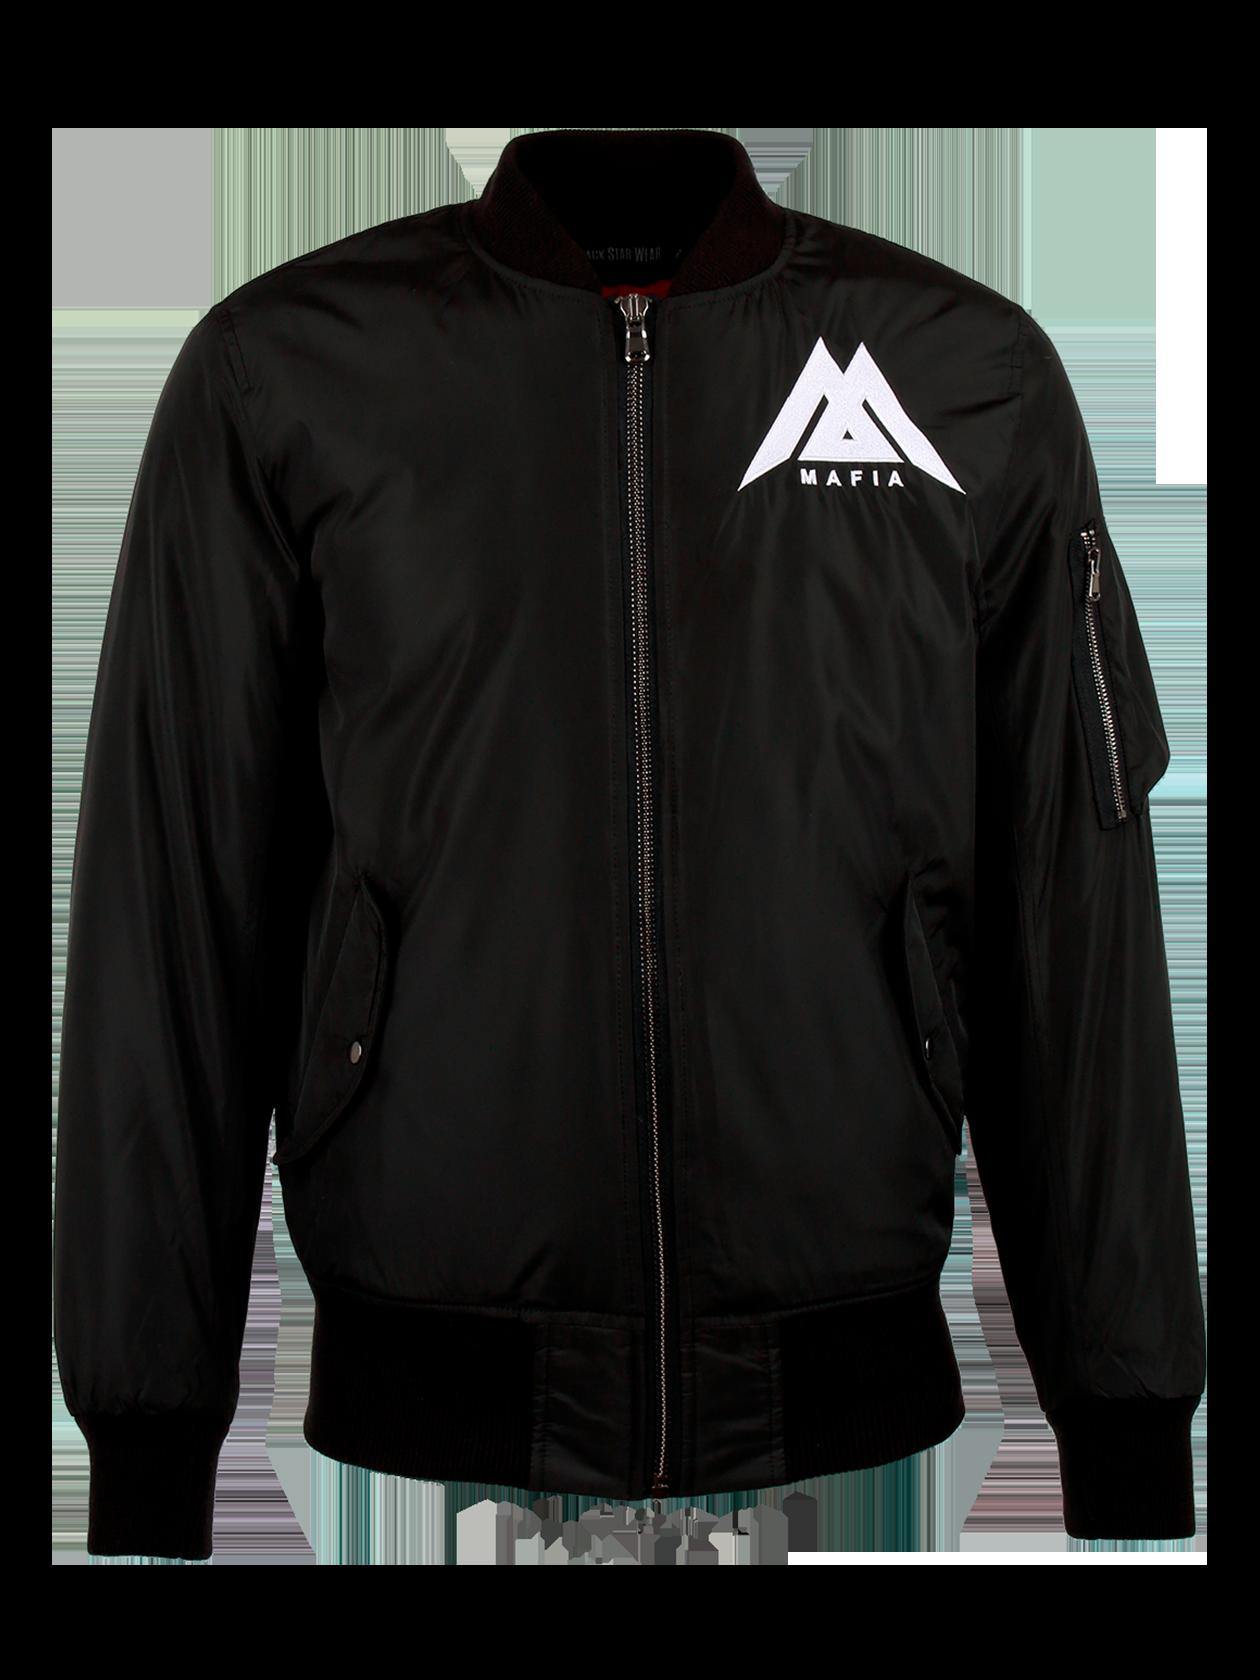 Куртка-бомбер мужская Black Star MafiaСтильная куртка-бомбер черного или серого цвета – необходимый предмет гардероба любого мужчины. Удобная модель из высококачественного нейлона с яркой подкладкой. Спереди и на рукаве имеются карманы. Воротник, манжеты и пояс представлены трикотажной резинкой. Изделие застегивается на молнию. В дизайне использованы принты и элементы в стилистике бренда Black Star.<br><br>Размер: L<br>Цвет: Черный<br>Пол: Мужской